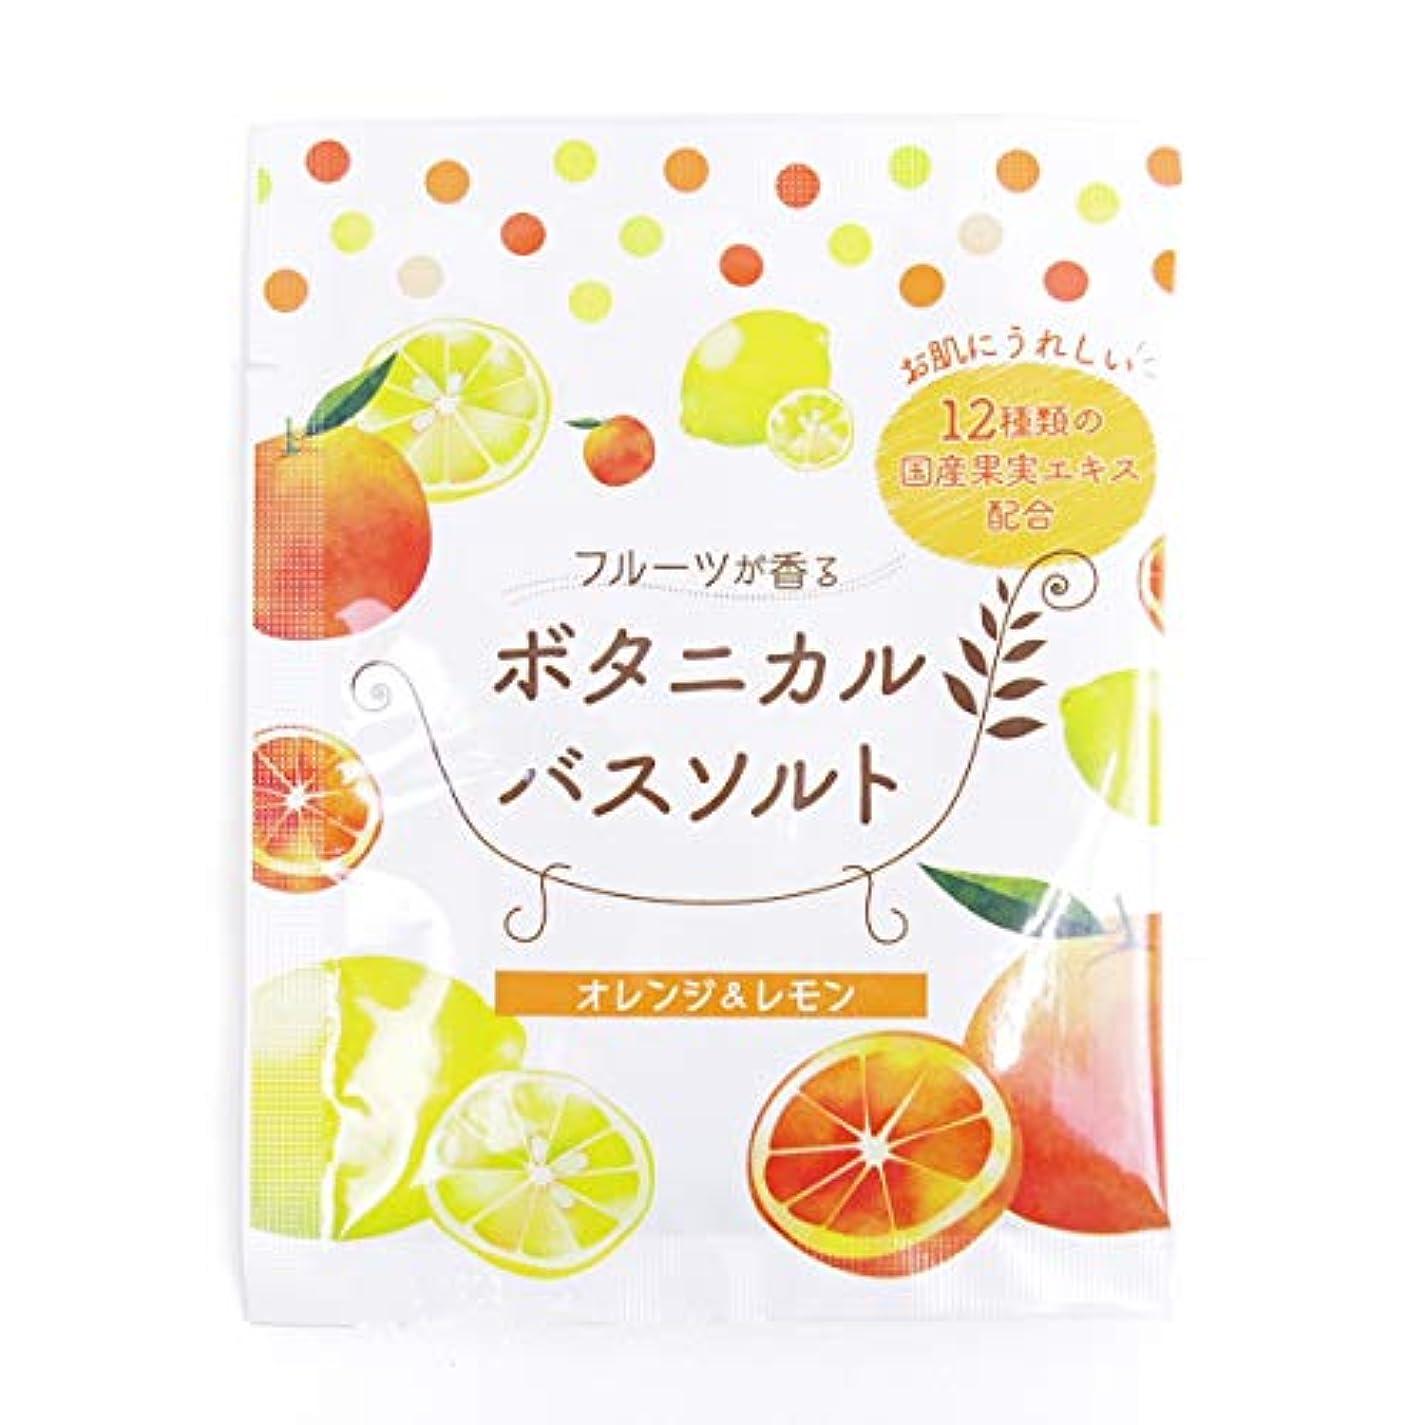 保育園統合パンサー松田医薬品 フルーツが香るボタニカルバスソルト オレンジ&レモン 30g